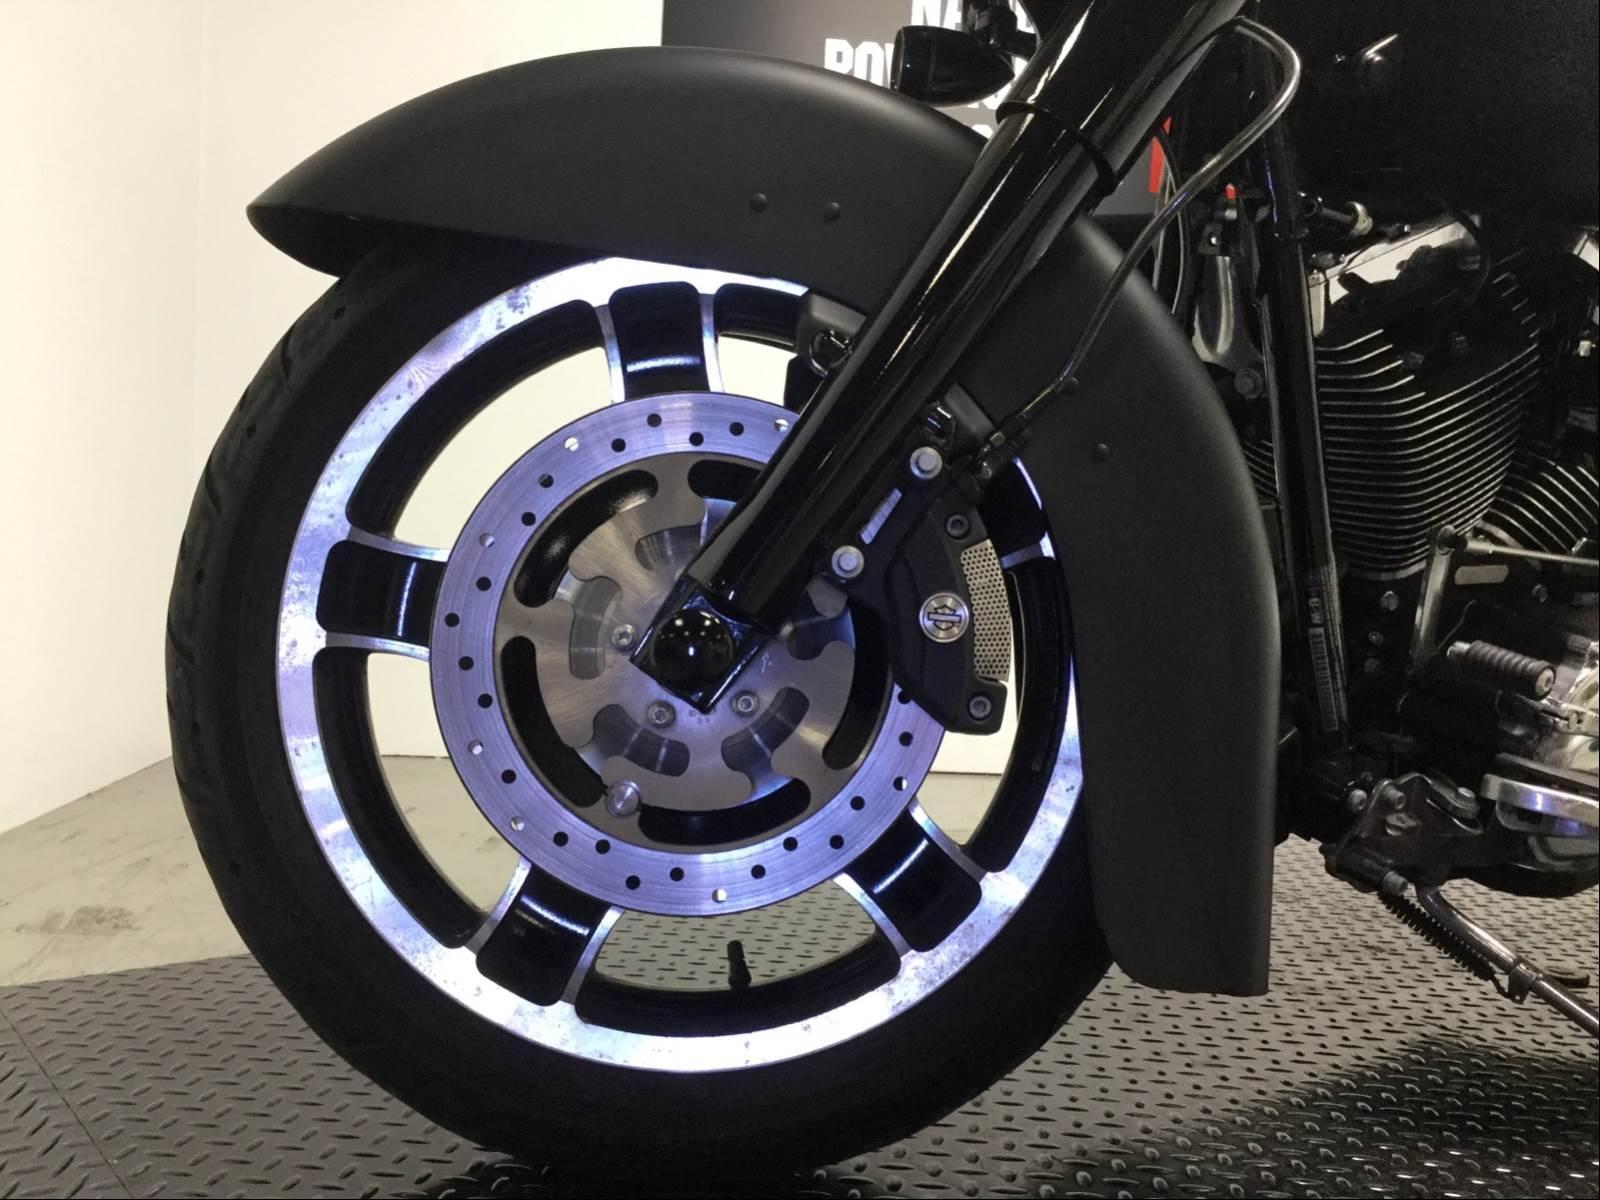 2012 Harley Davidson Flhx Street Glide For Sale Buy Online